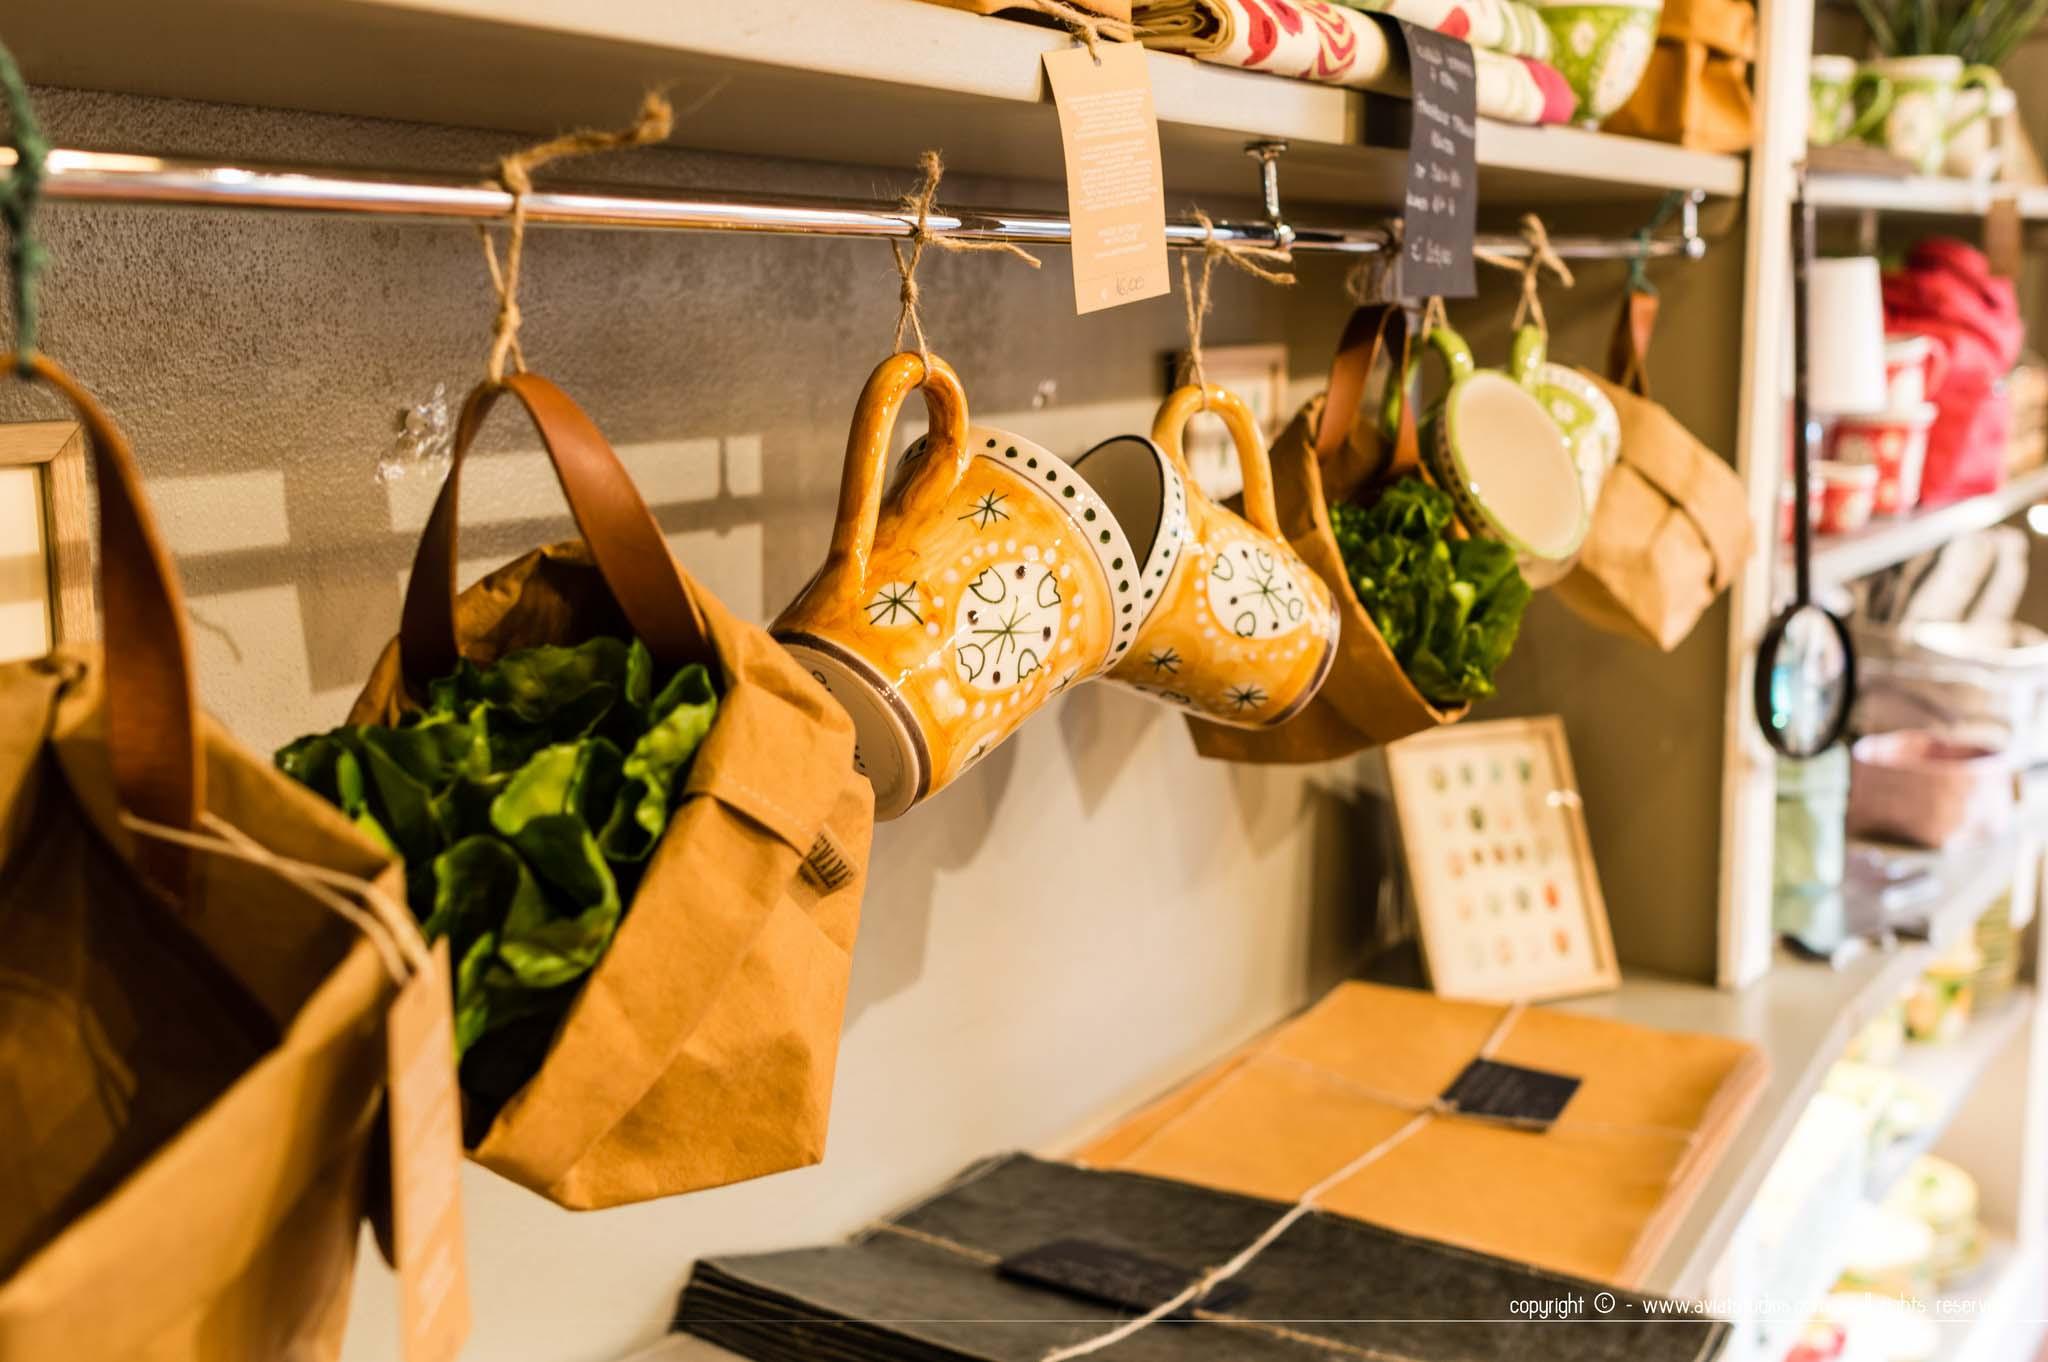 Les sacs et sets de table en UashMama de la boutique Le Sorelle